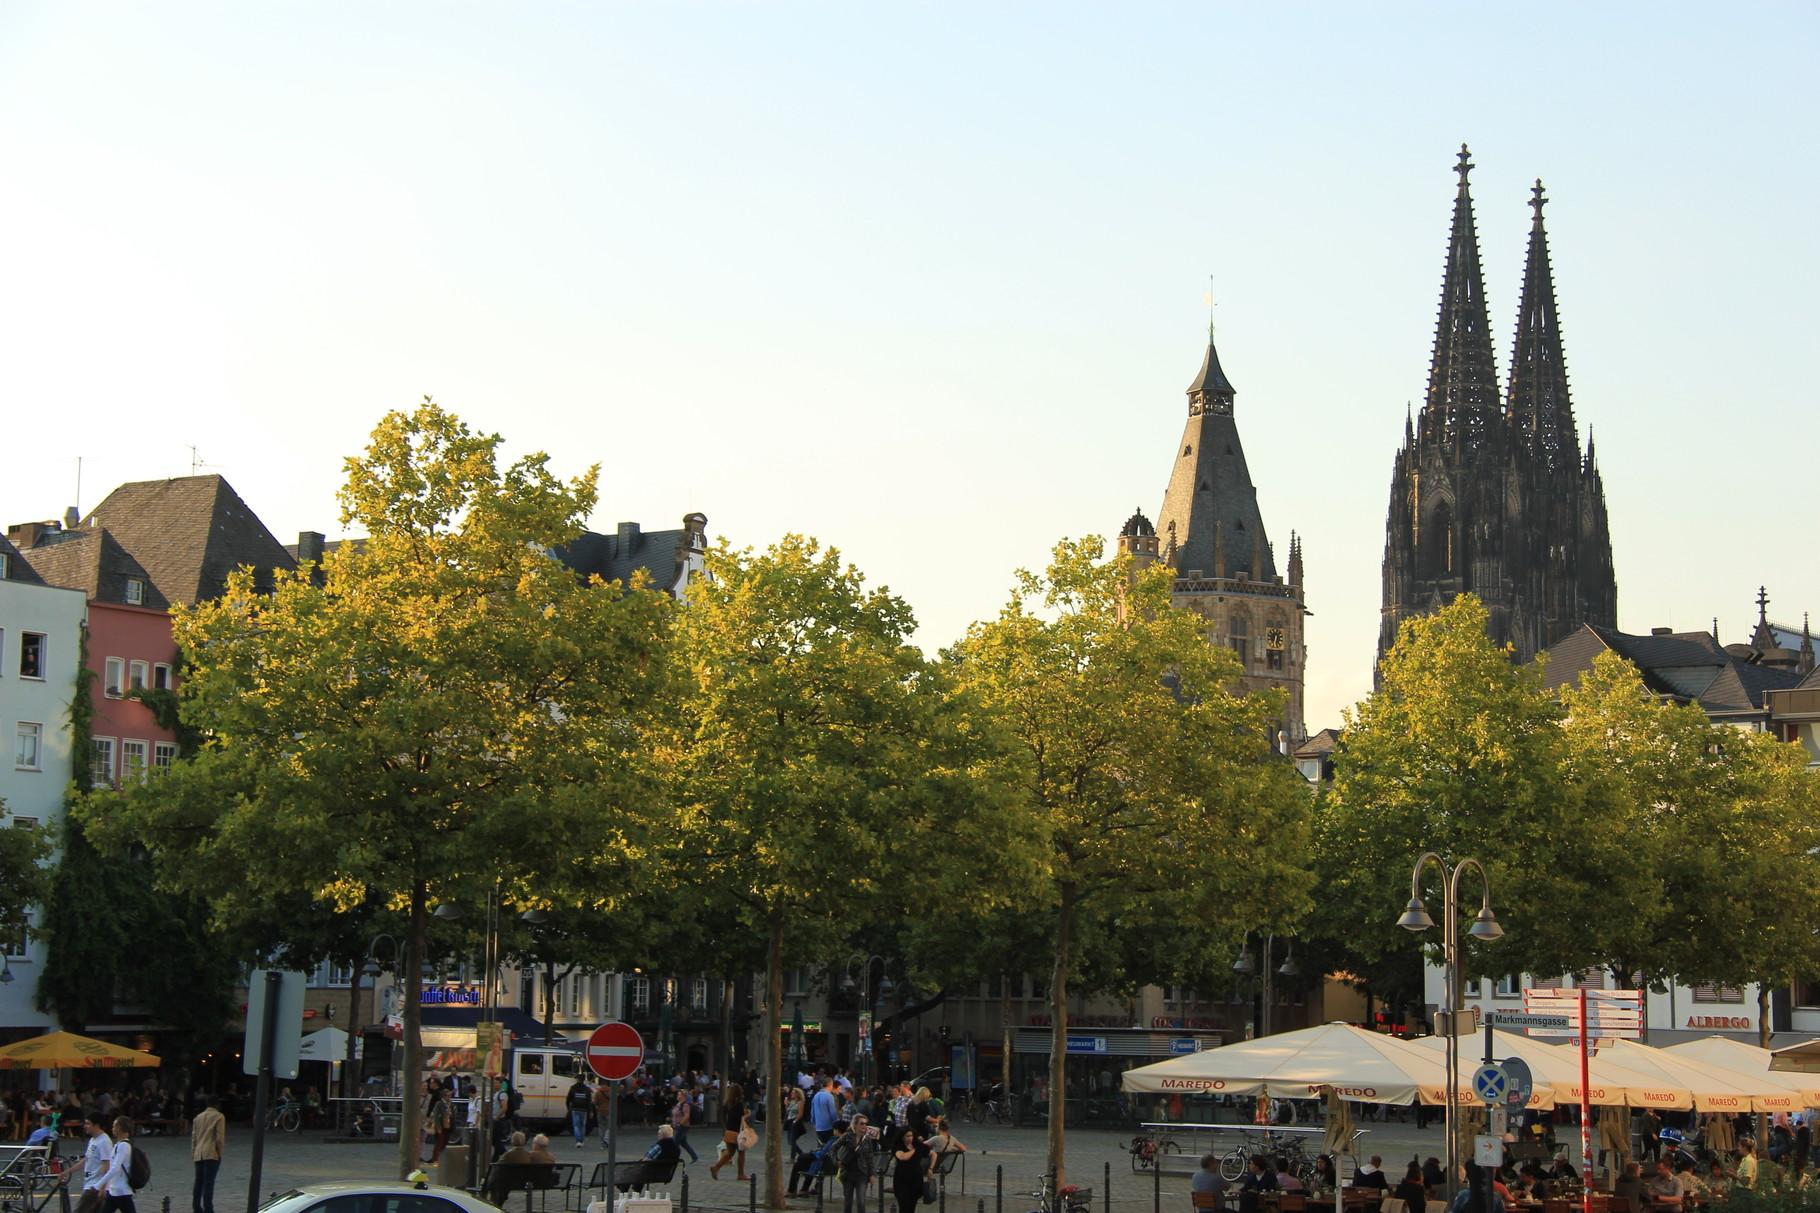 Bei einer Mittelalter-Tour sehen wir am Ende vom Heumarkt aus Rathausturm und Kölner Dom